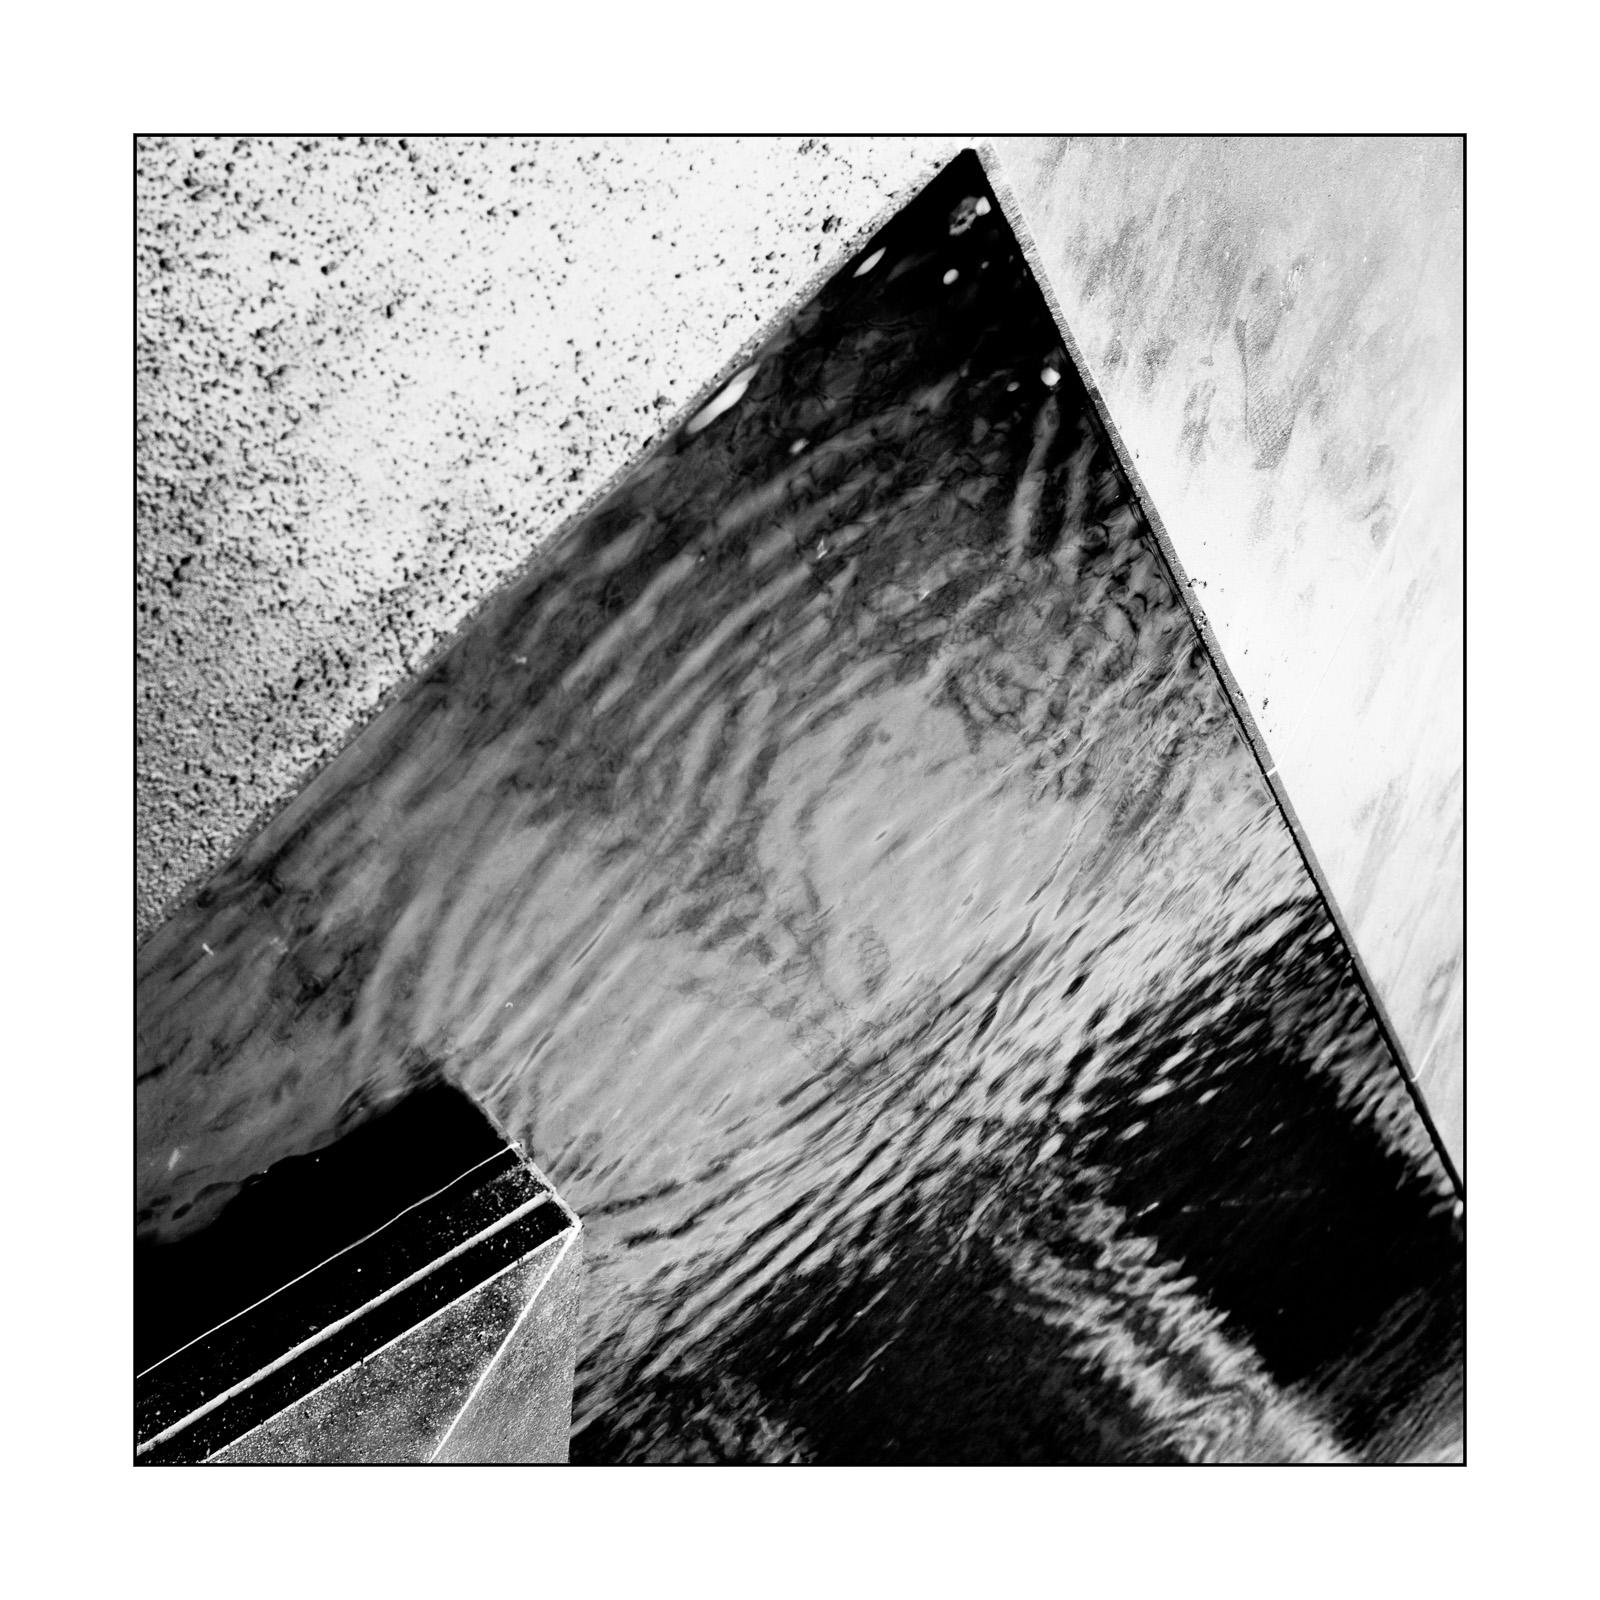 Regen im Quadrat